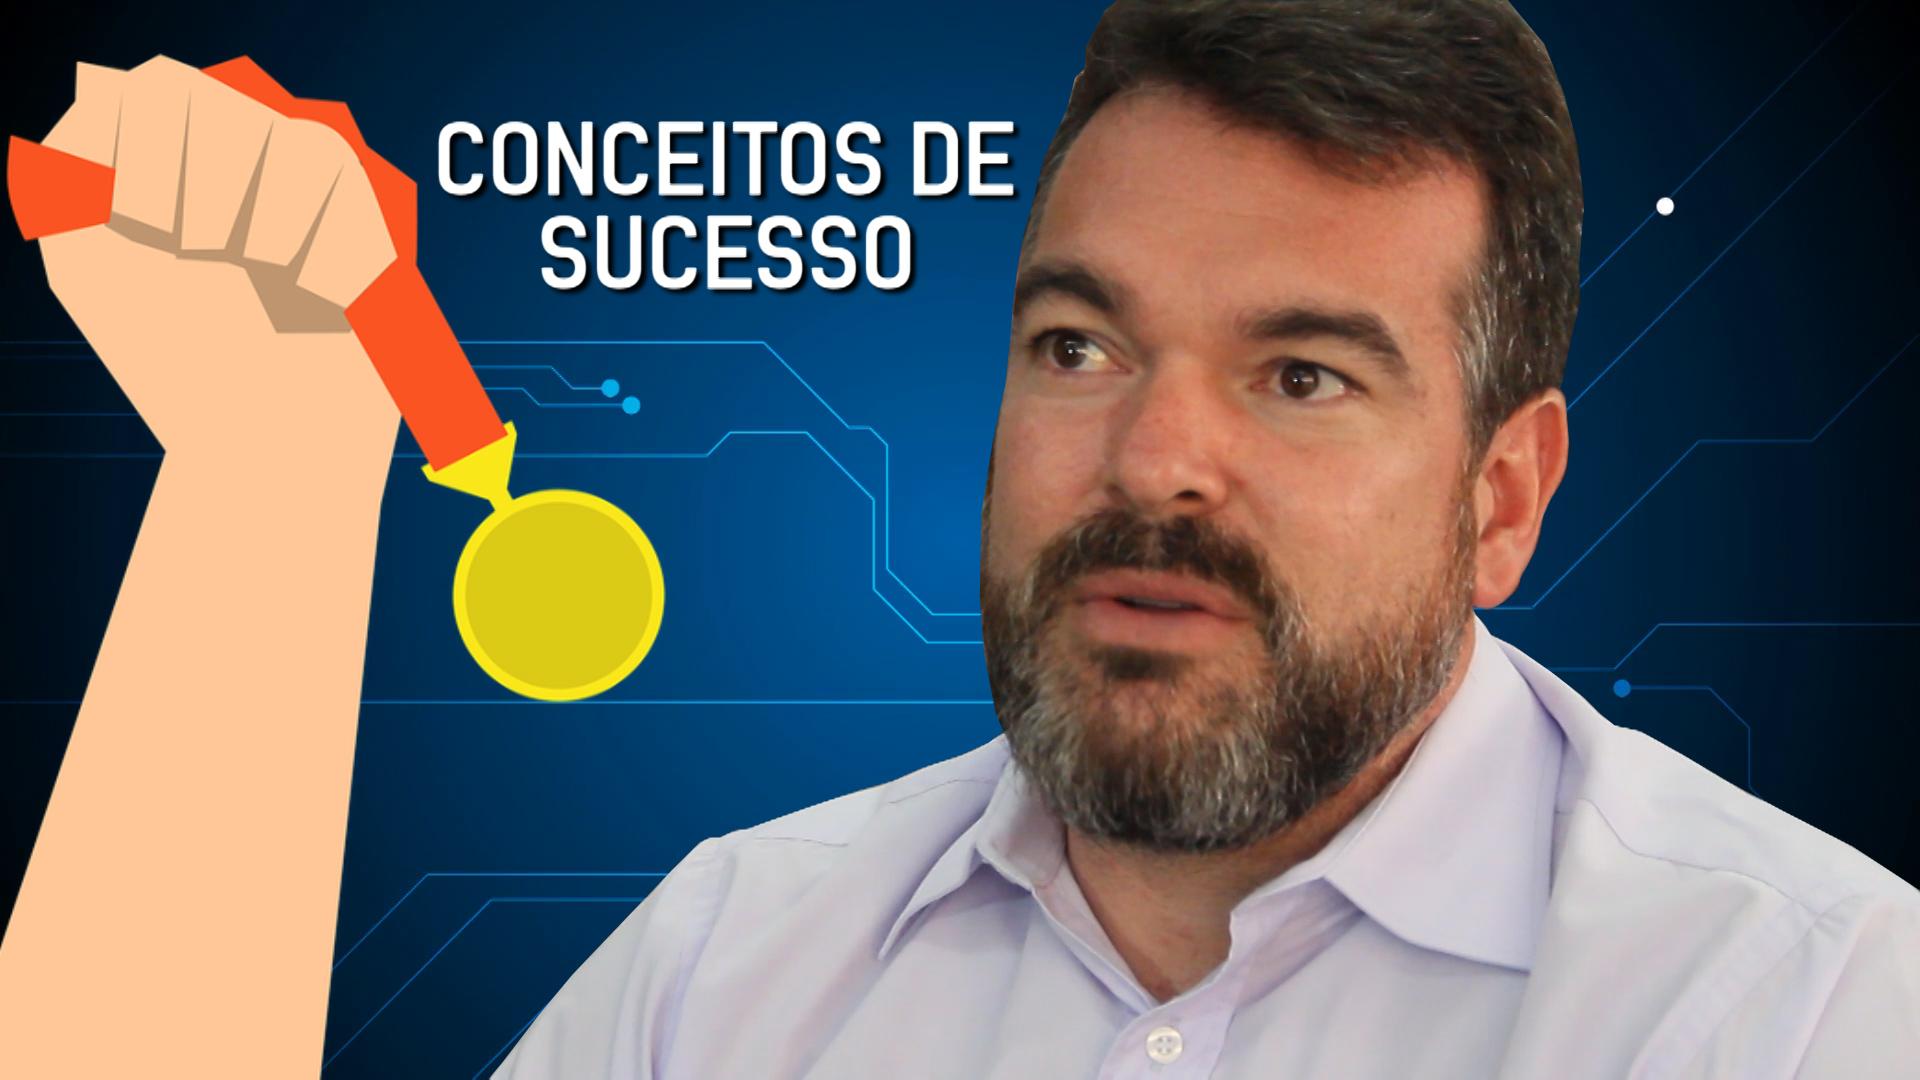 O Estrategista: qual o seu conceito de sucesso?